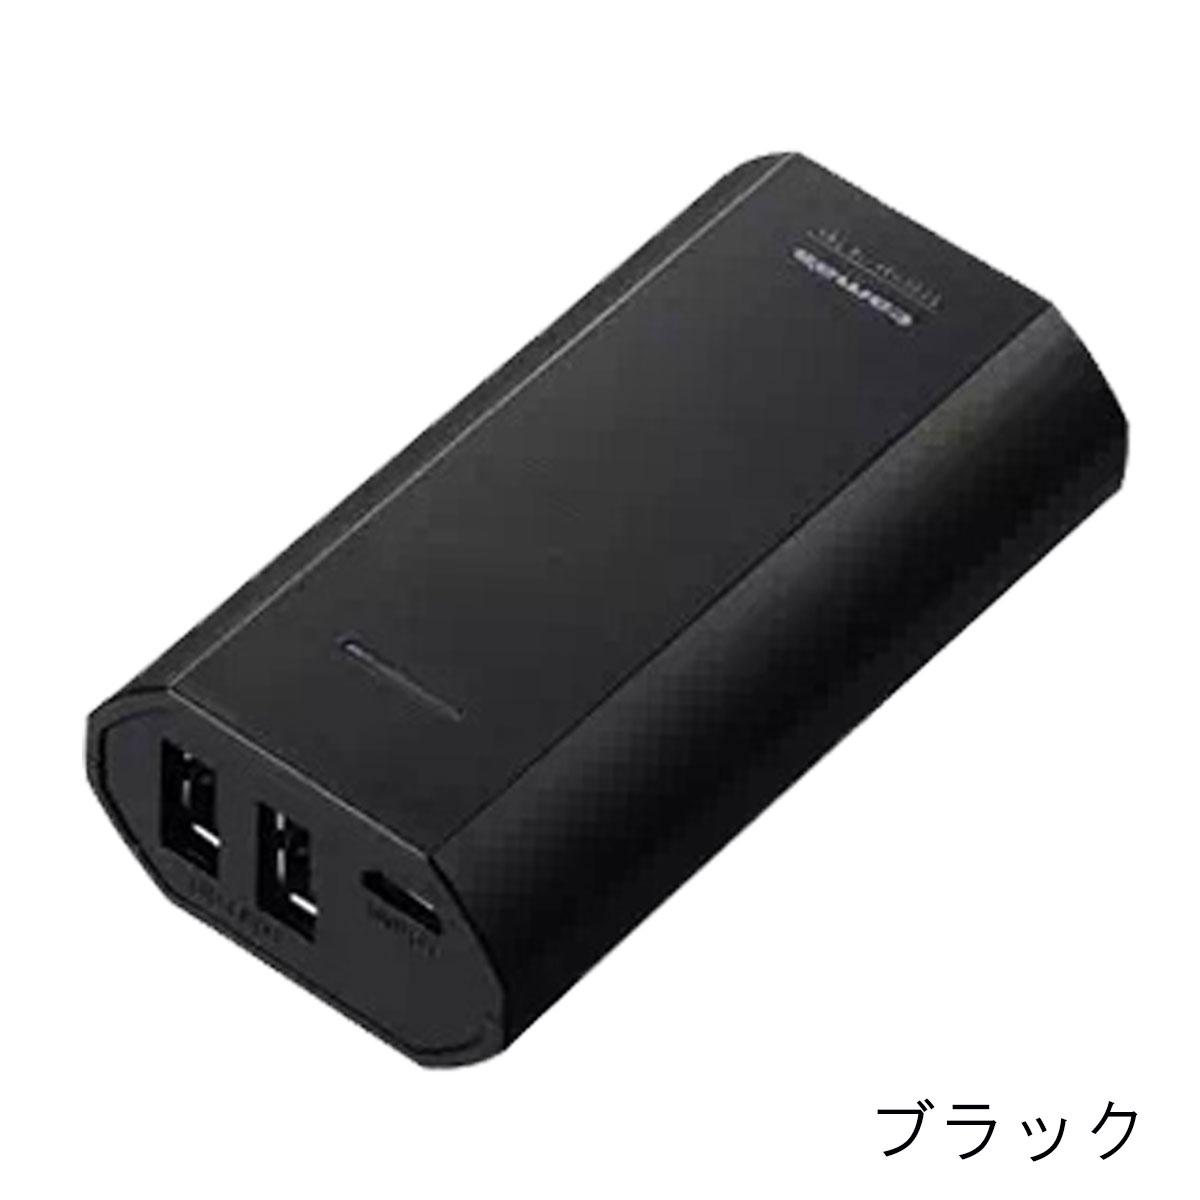 モバイルバッテリー 5200mAh